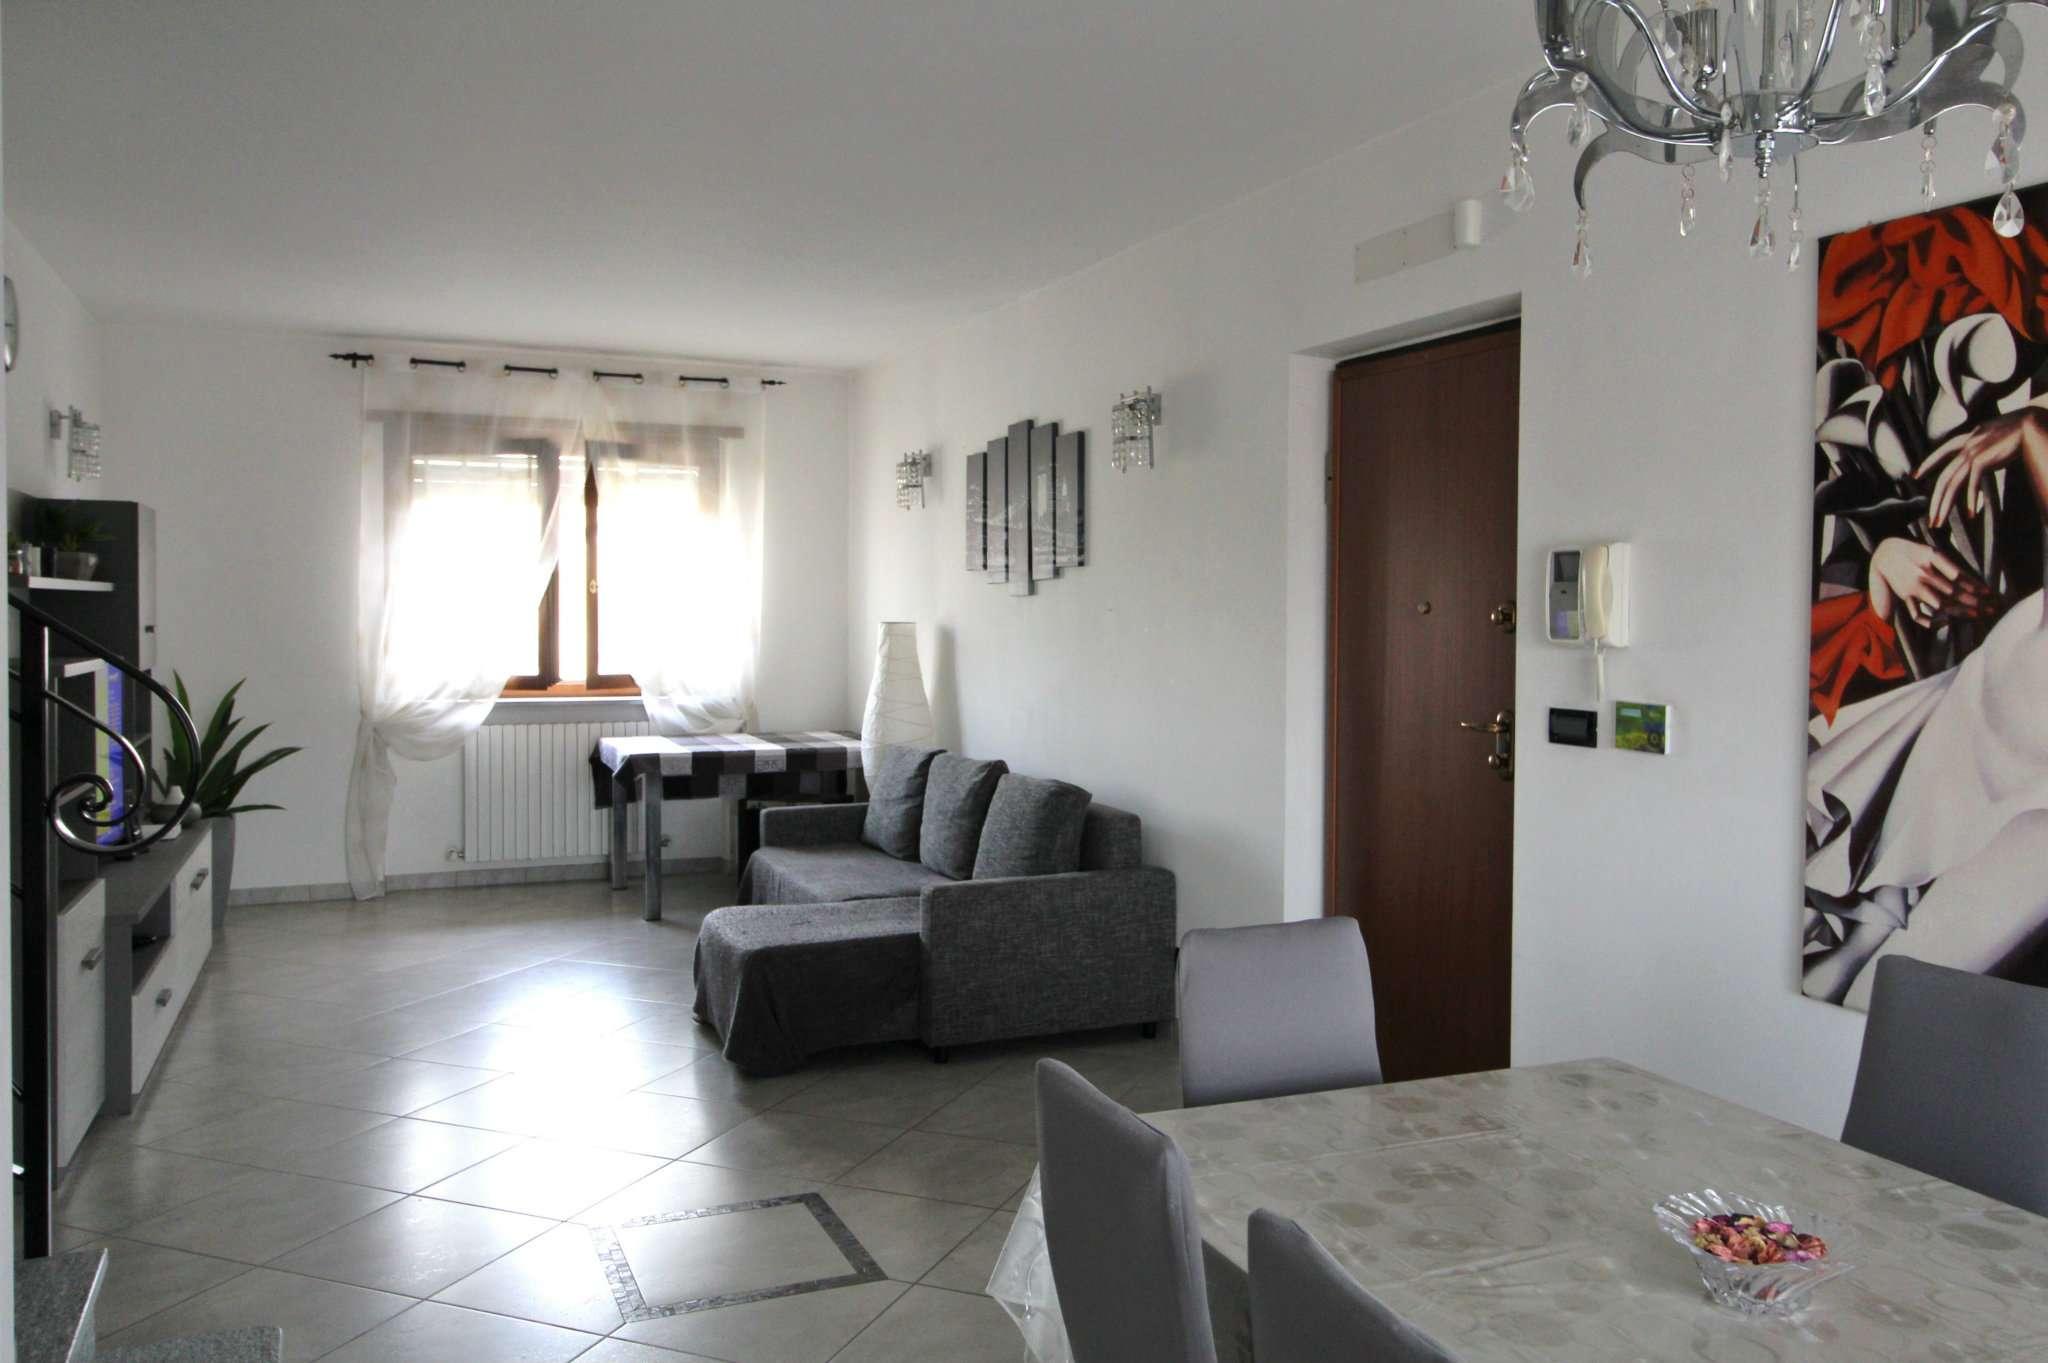 Appartamento in vendita a Castagnole Piemonte, 4 locali, prezzo € 165.000 | CambioCasa.it